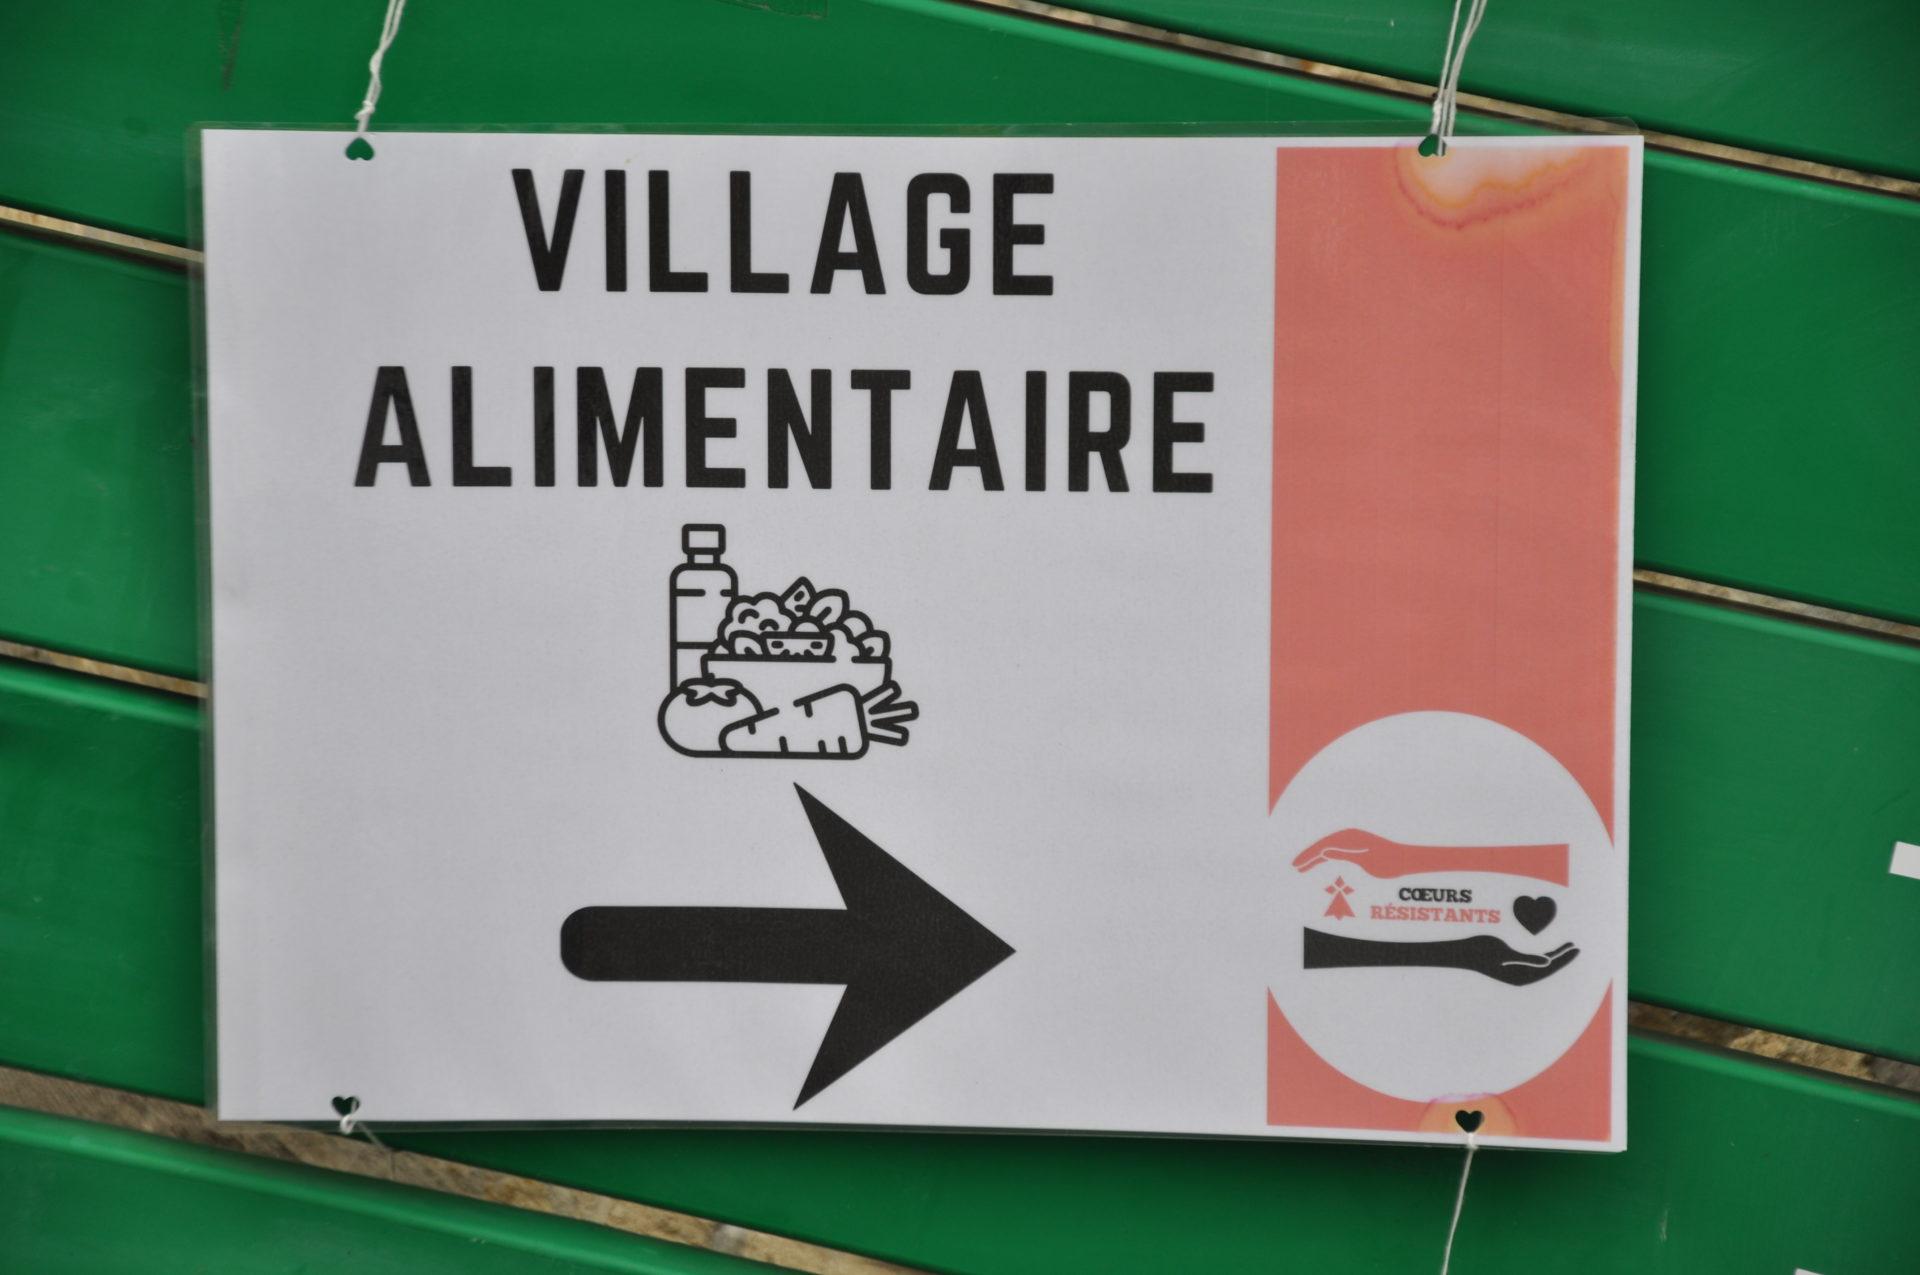 Affiche du Village Alimentaire avec le logo de Cœurs Résistants